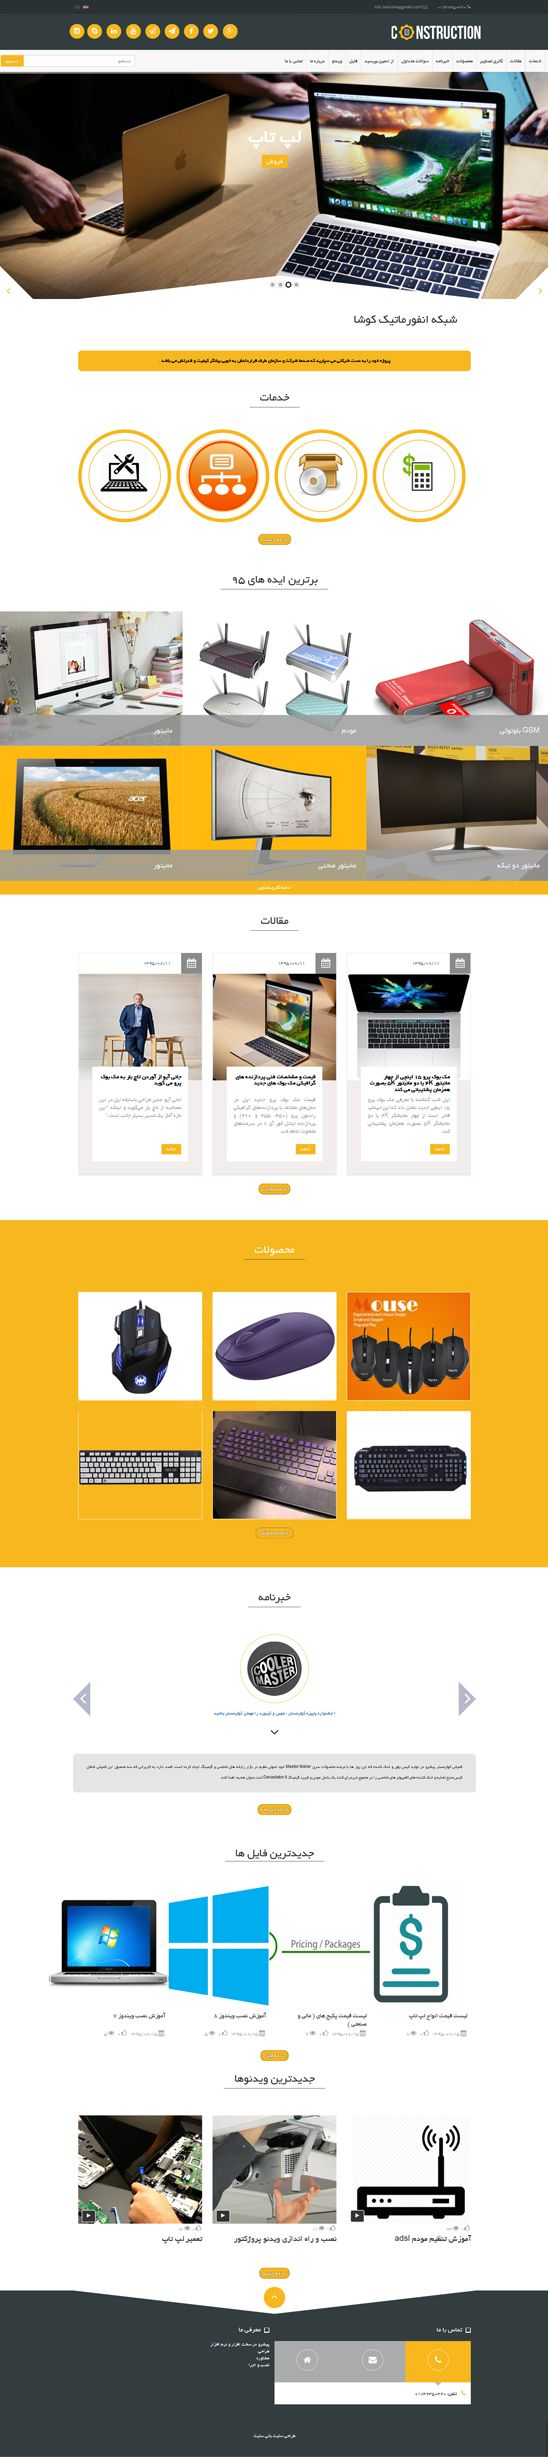 طراحی سایت شرکت کامپیوتری  انفورماتیک کوشا